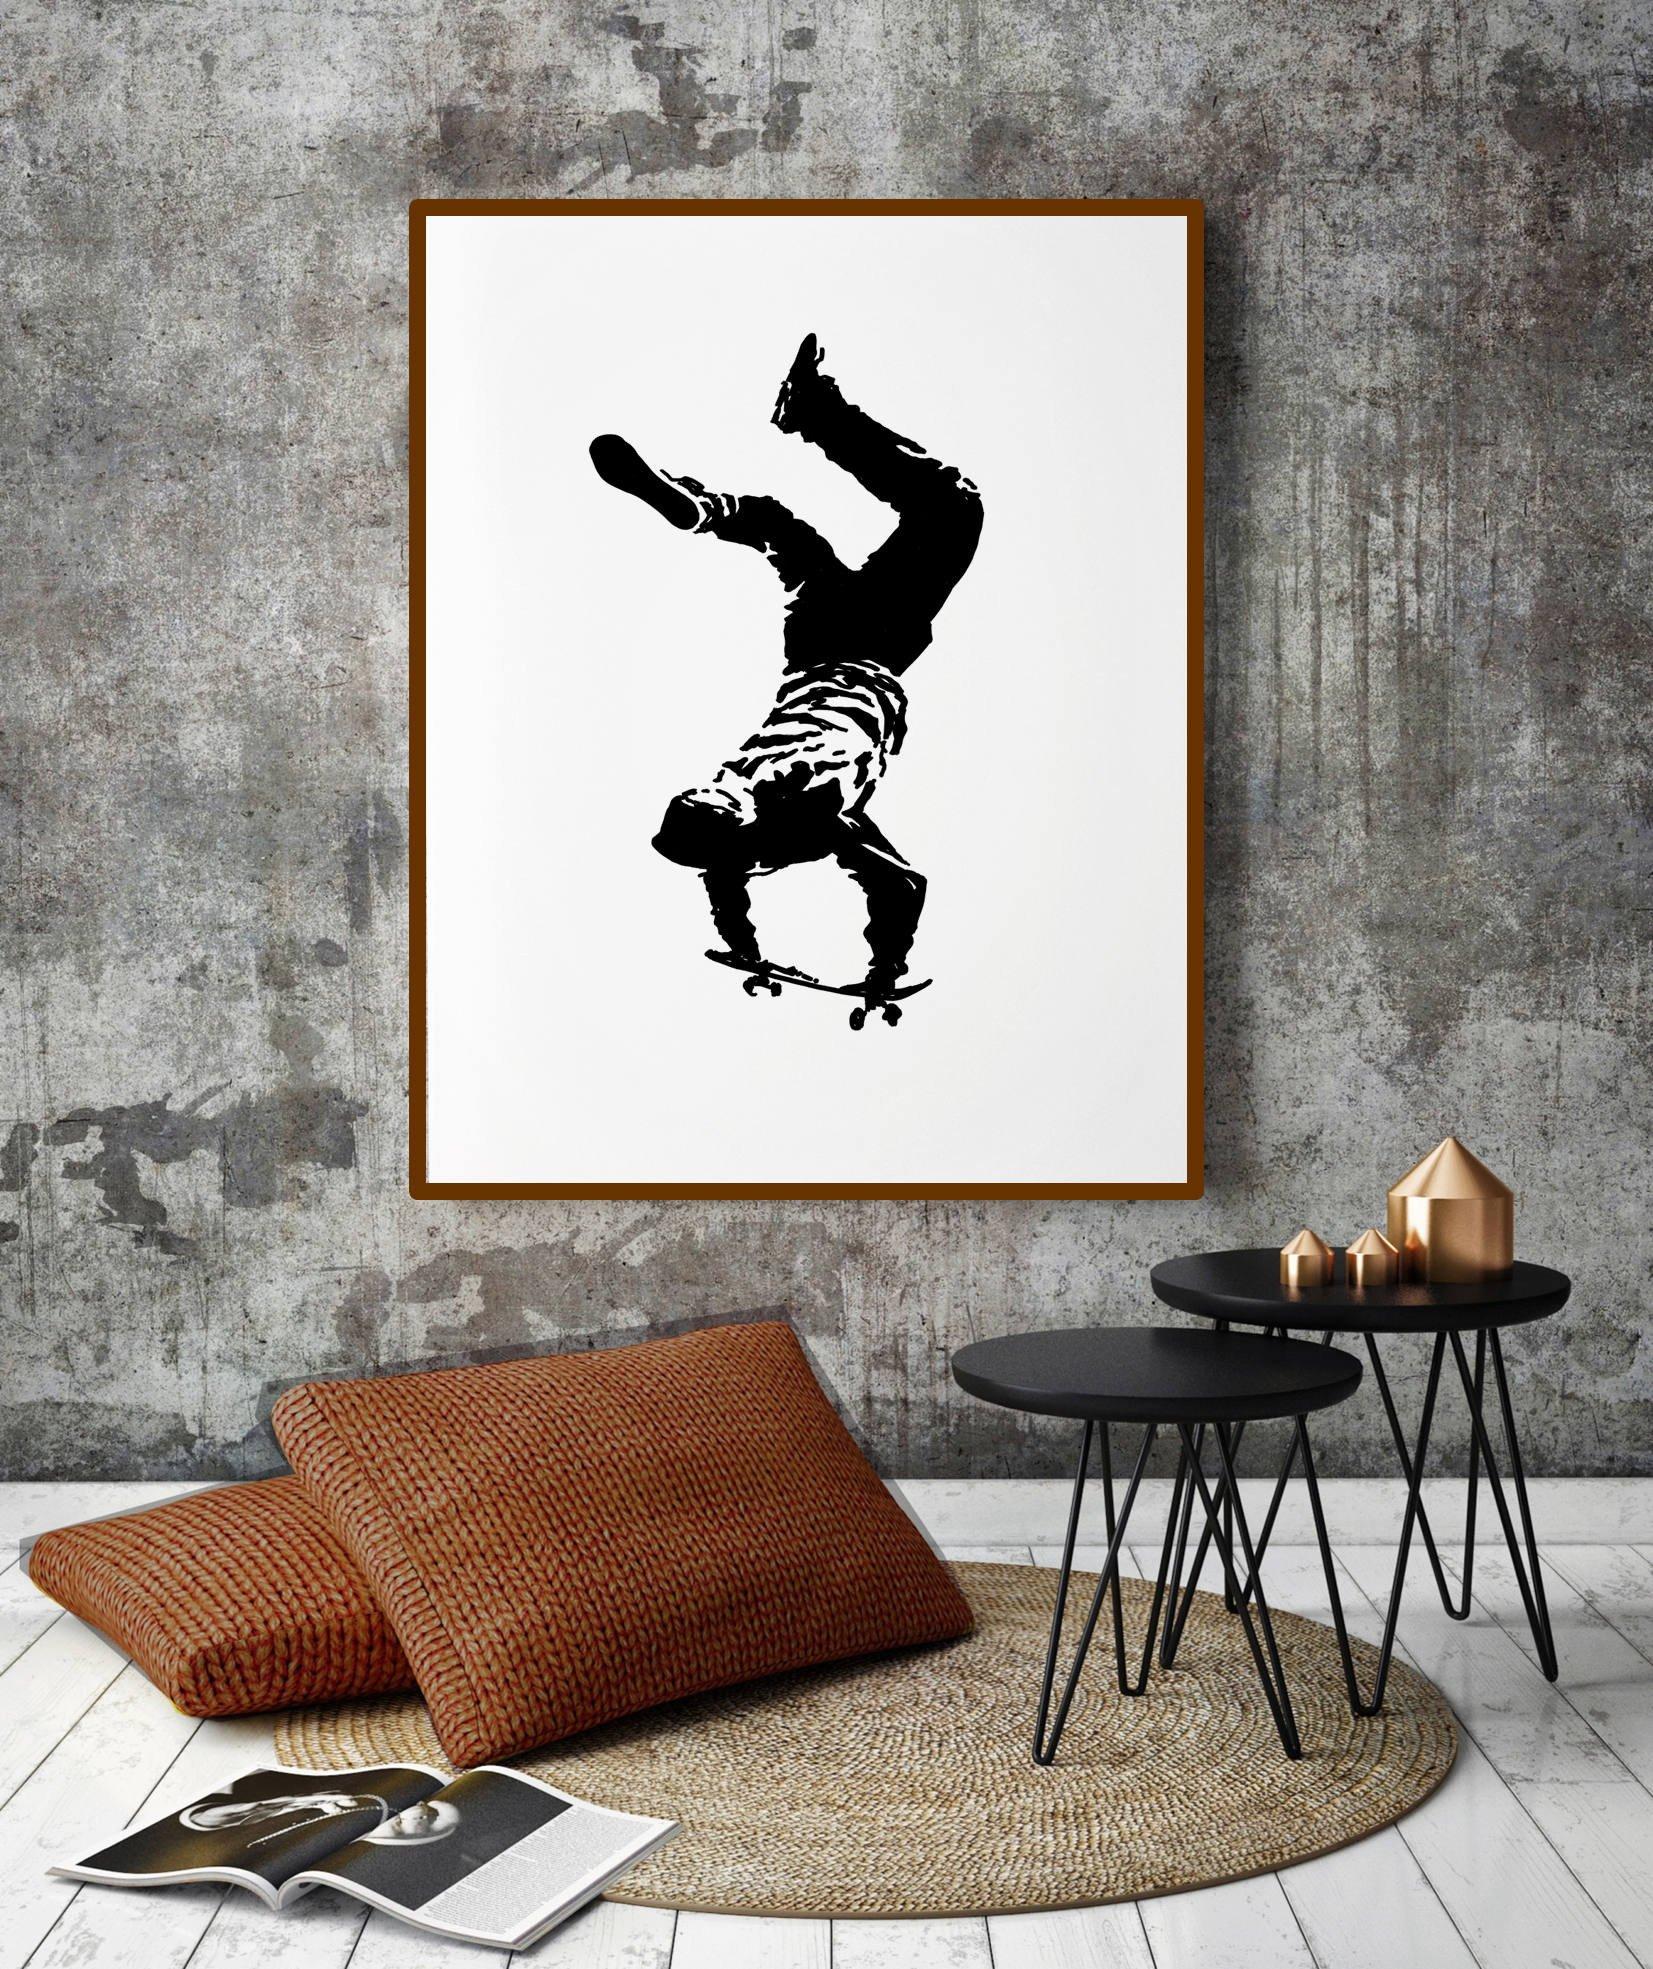 Teen Bedroom Wall Decor Elegant Teen Boy Wall Art Skateboard Art Teen Boy Gift Boy Room Art Boyfriend Gift Teen Room Decor Dorm Wall Art Teen Art Boy Bedroom Decor